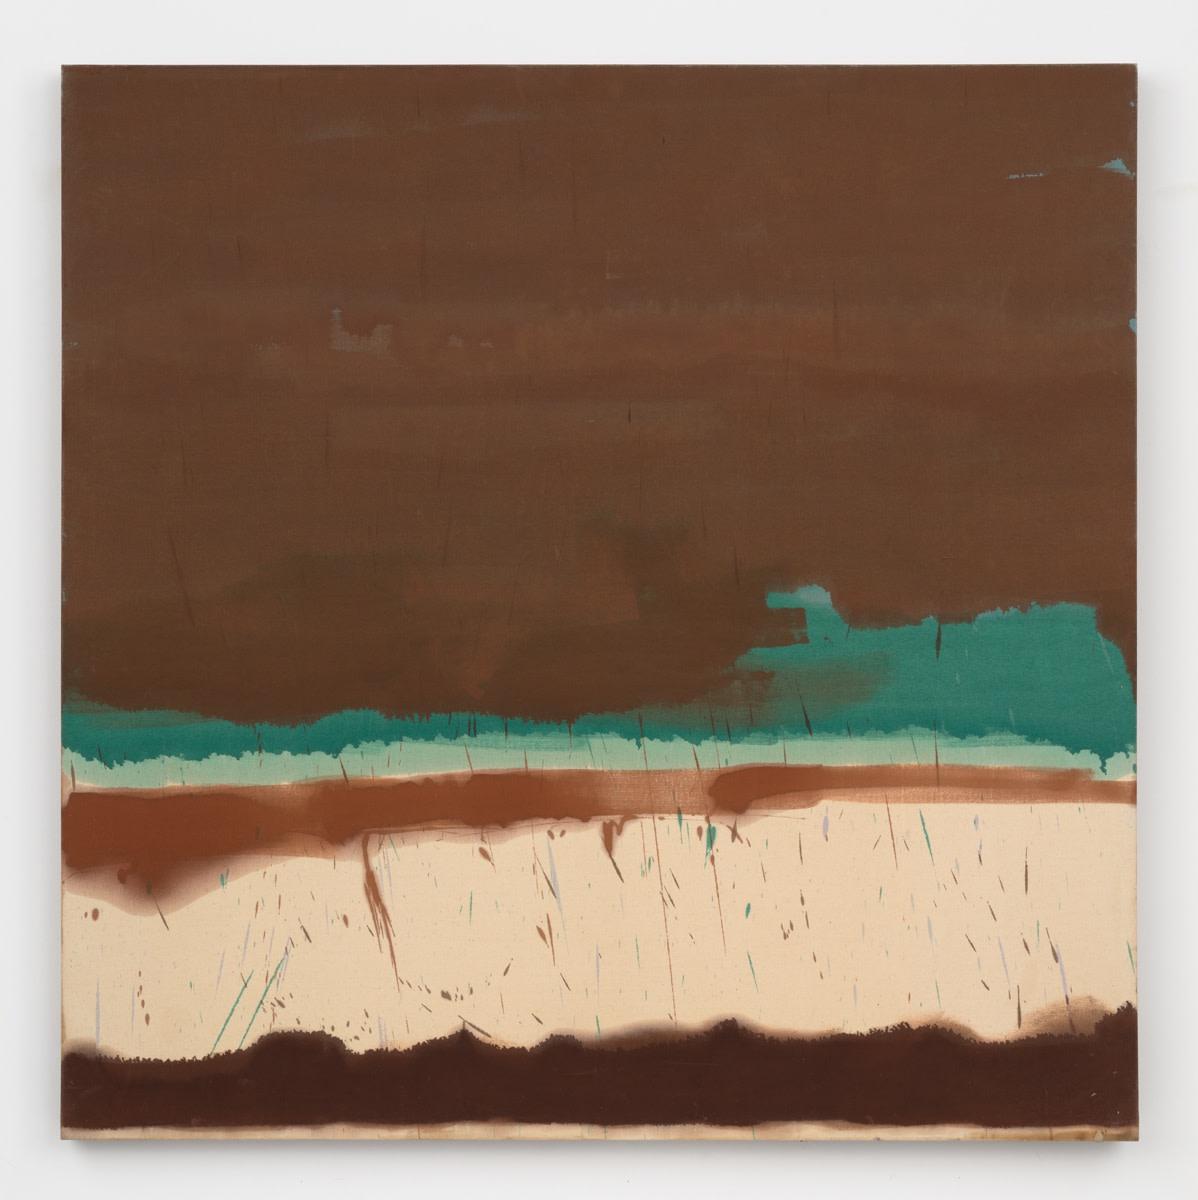 Virginia Jaramillo Today, 1976 Oil on canvas 149.9 x 149.9 cm 59 x 59 in Inquire